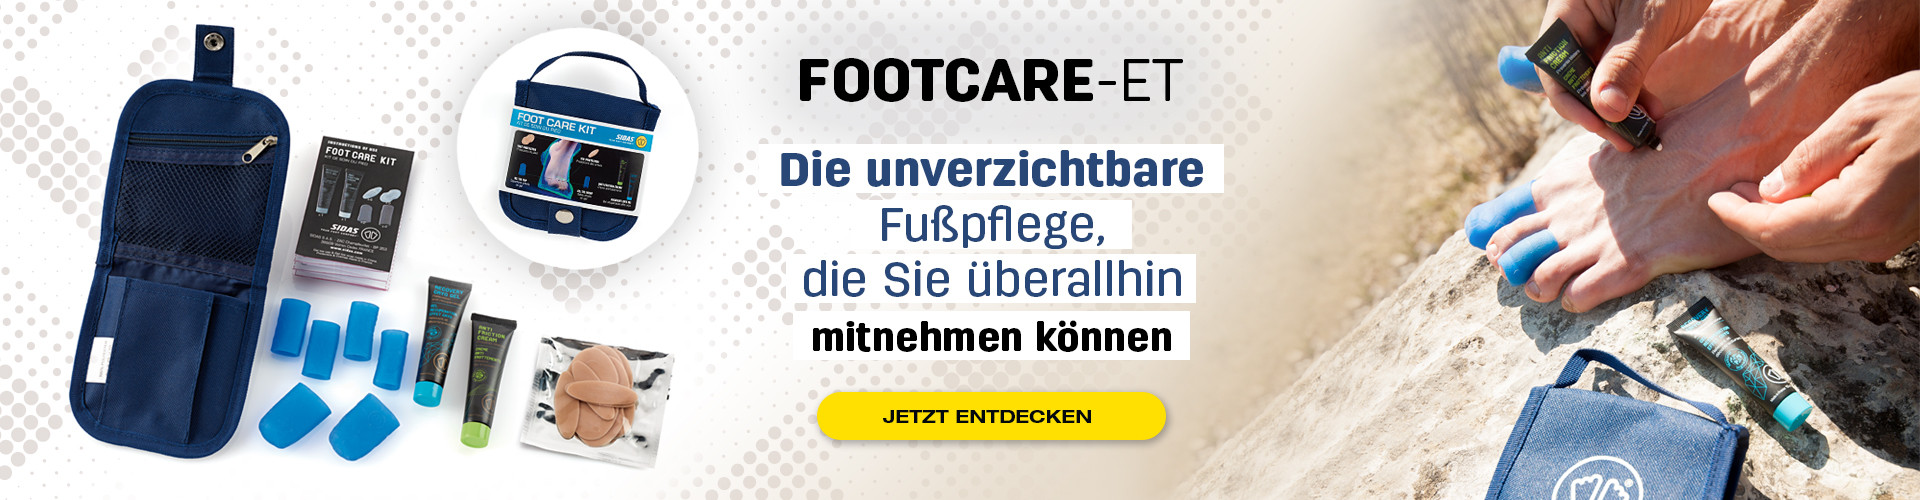 Das unverzichtbare Fußpflegeset: Nehmen Sie es überall mit, um Ihre Füße bei sportlichen Aktivitäten zu schützen